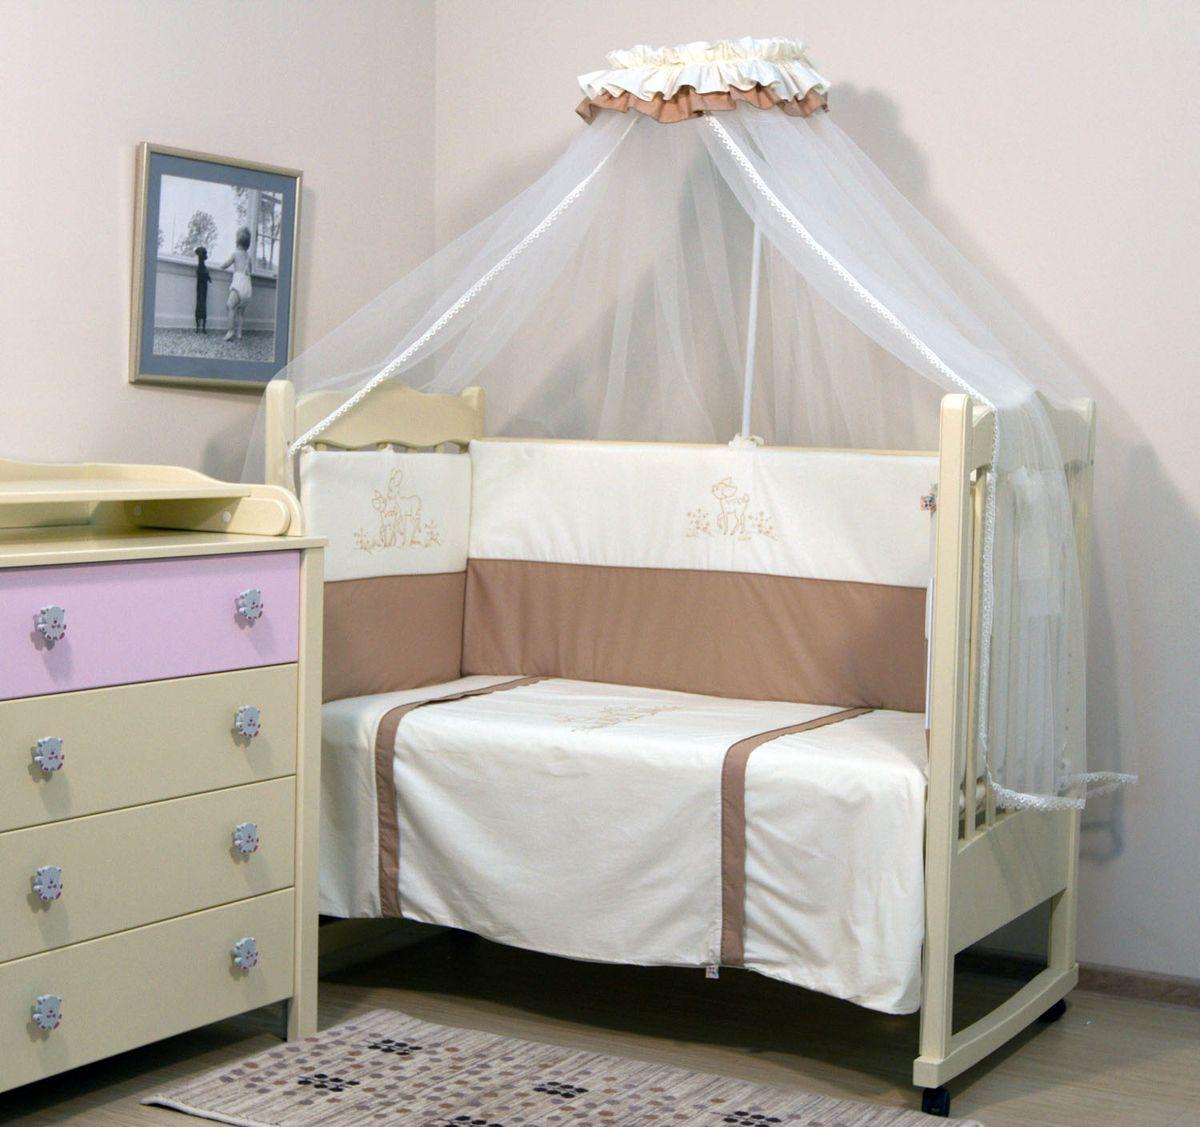 Топотушки Комплект детского постельного белья Бамбино цвет бежевый 7 предметовPANTERA SPX-2RSКомплект постельного белья из 7 предметов включает все необходимые элементы для детской кроватки. Комплект создает для Вашего ребенка уют, комфорт и безопасную среду с рождения, современный дизайн и цветовые сочетания помогают ребенку адаптироваться в новом для него мире. Комплекты «Топотушки» хорошо вписываются в интерьер как детской комнаты, так и спальни родителей. Как и все изделия «Топотушки» данный комплект отражает самые последние технологии, является безопасным для малыша и экологичным. Российское происхождение комплекта гарантирует стабильно высокое качество, соответствие актуальным пожеланиям потребителей, конкурентоспособную цену.Комплектация: Балдахин 5м (сетка); охранный бампер 360х50см. (из 4-х частей, наполнитель - холлофайбер); подушка 40х60см. (наполнитель - холлофайбер); одеяло 140х110см. (наполнитель - холлофайбер); наволочка 40х60см; пододеяльник 147х112см; простынь на резинке 120х60см.